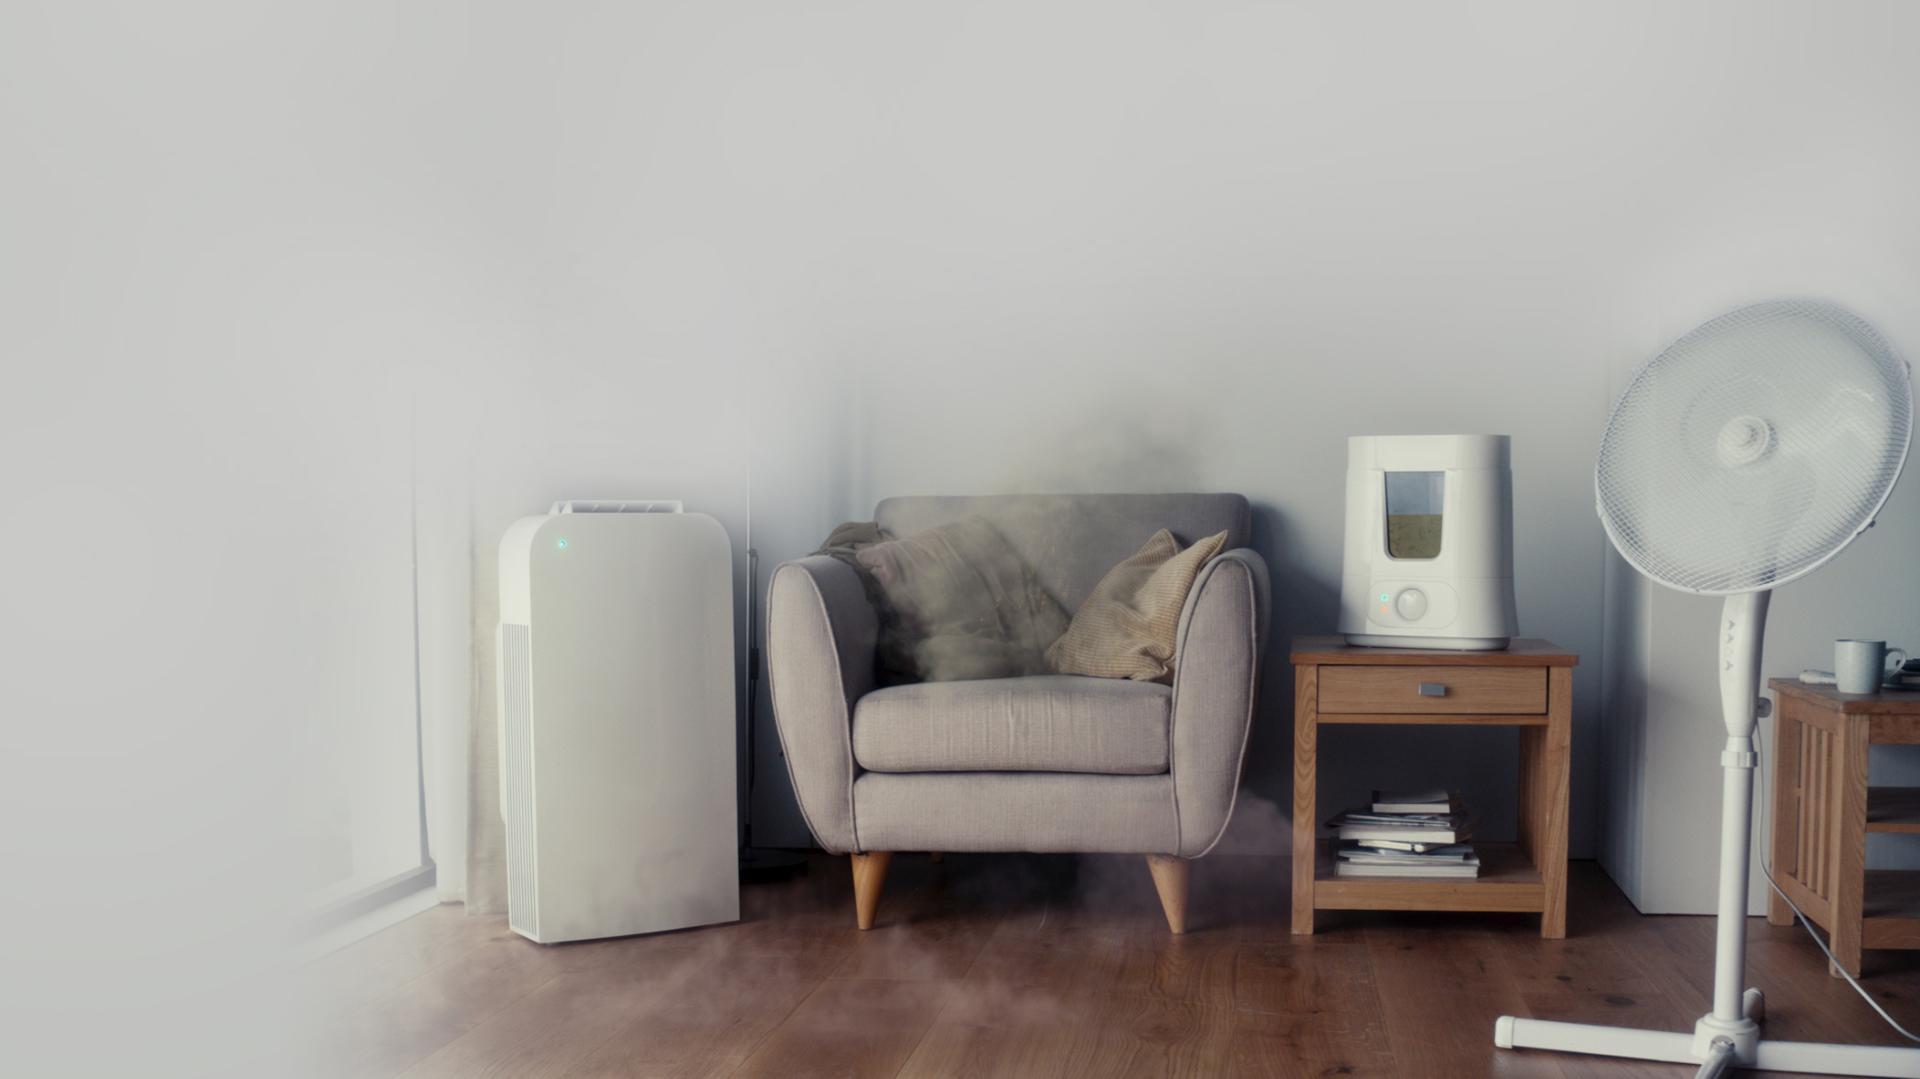 공기청정기, 가습기, 선풍기의 기능을 별도로 사용가능